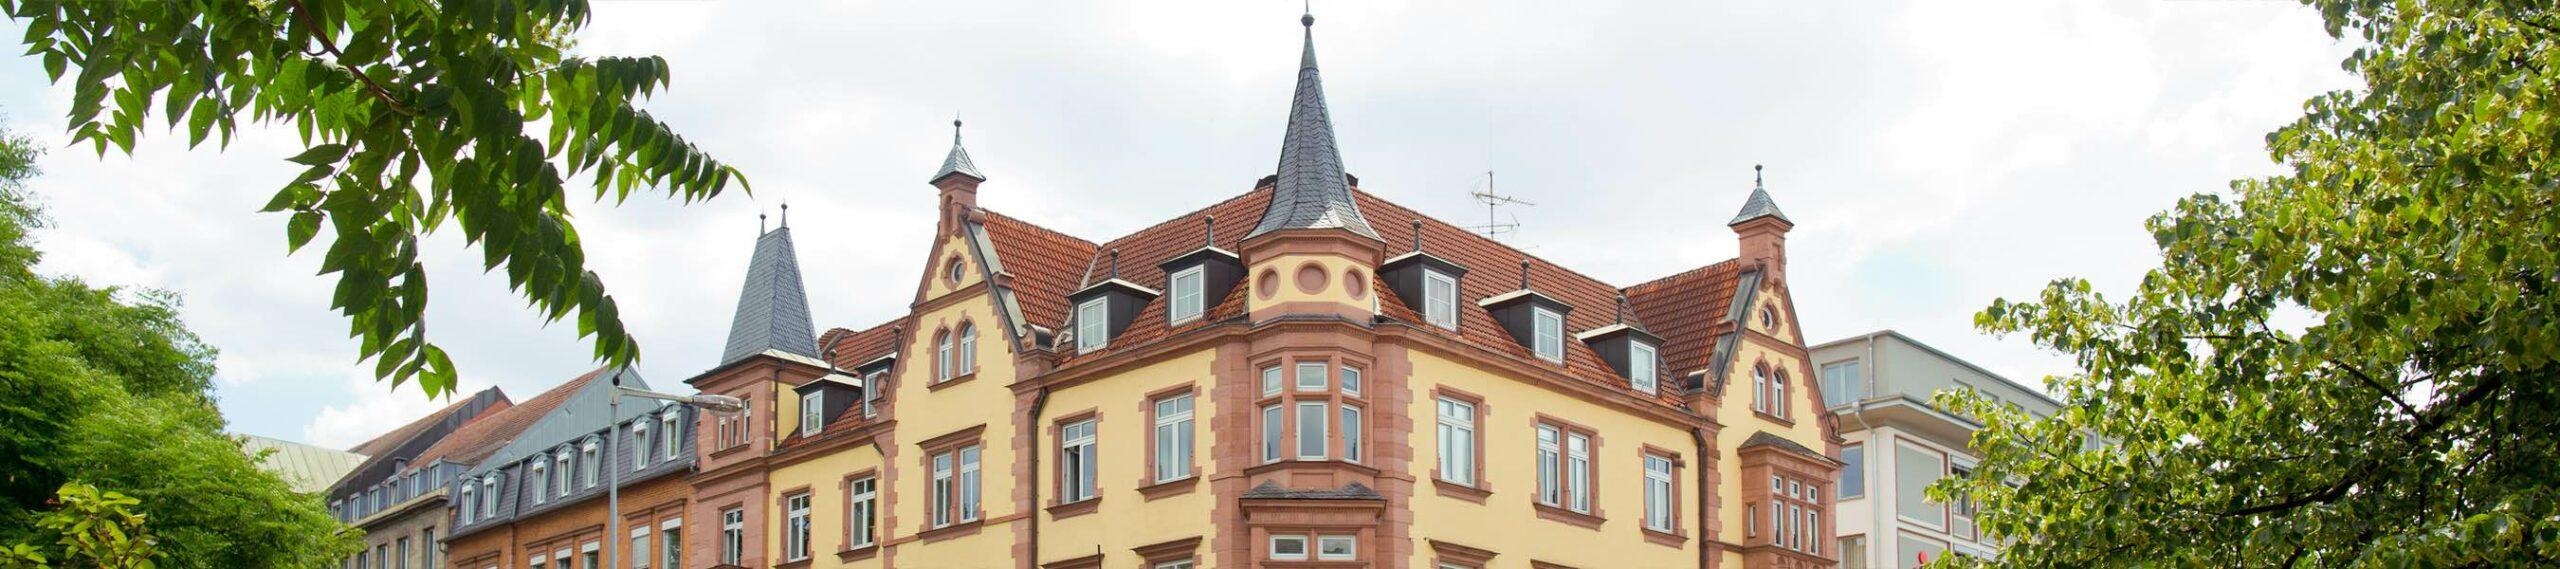 Aussenansicht Kanzleisitz Aschaffenburg